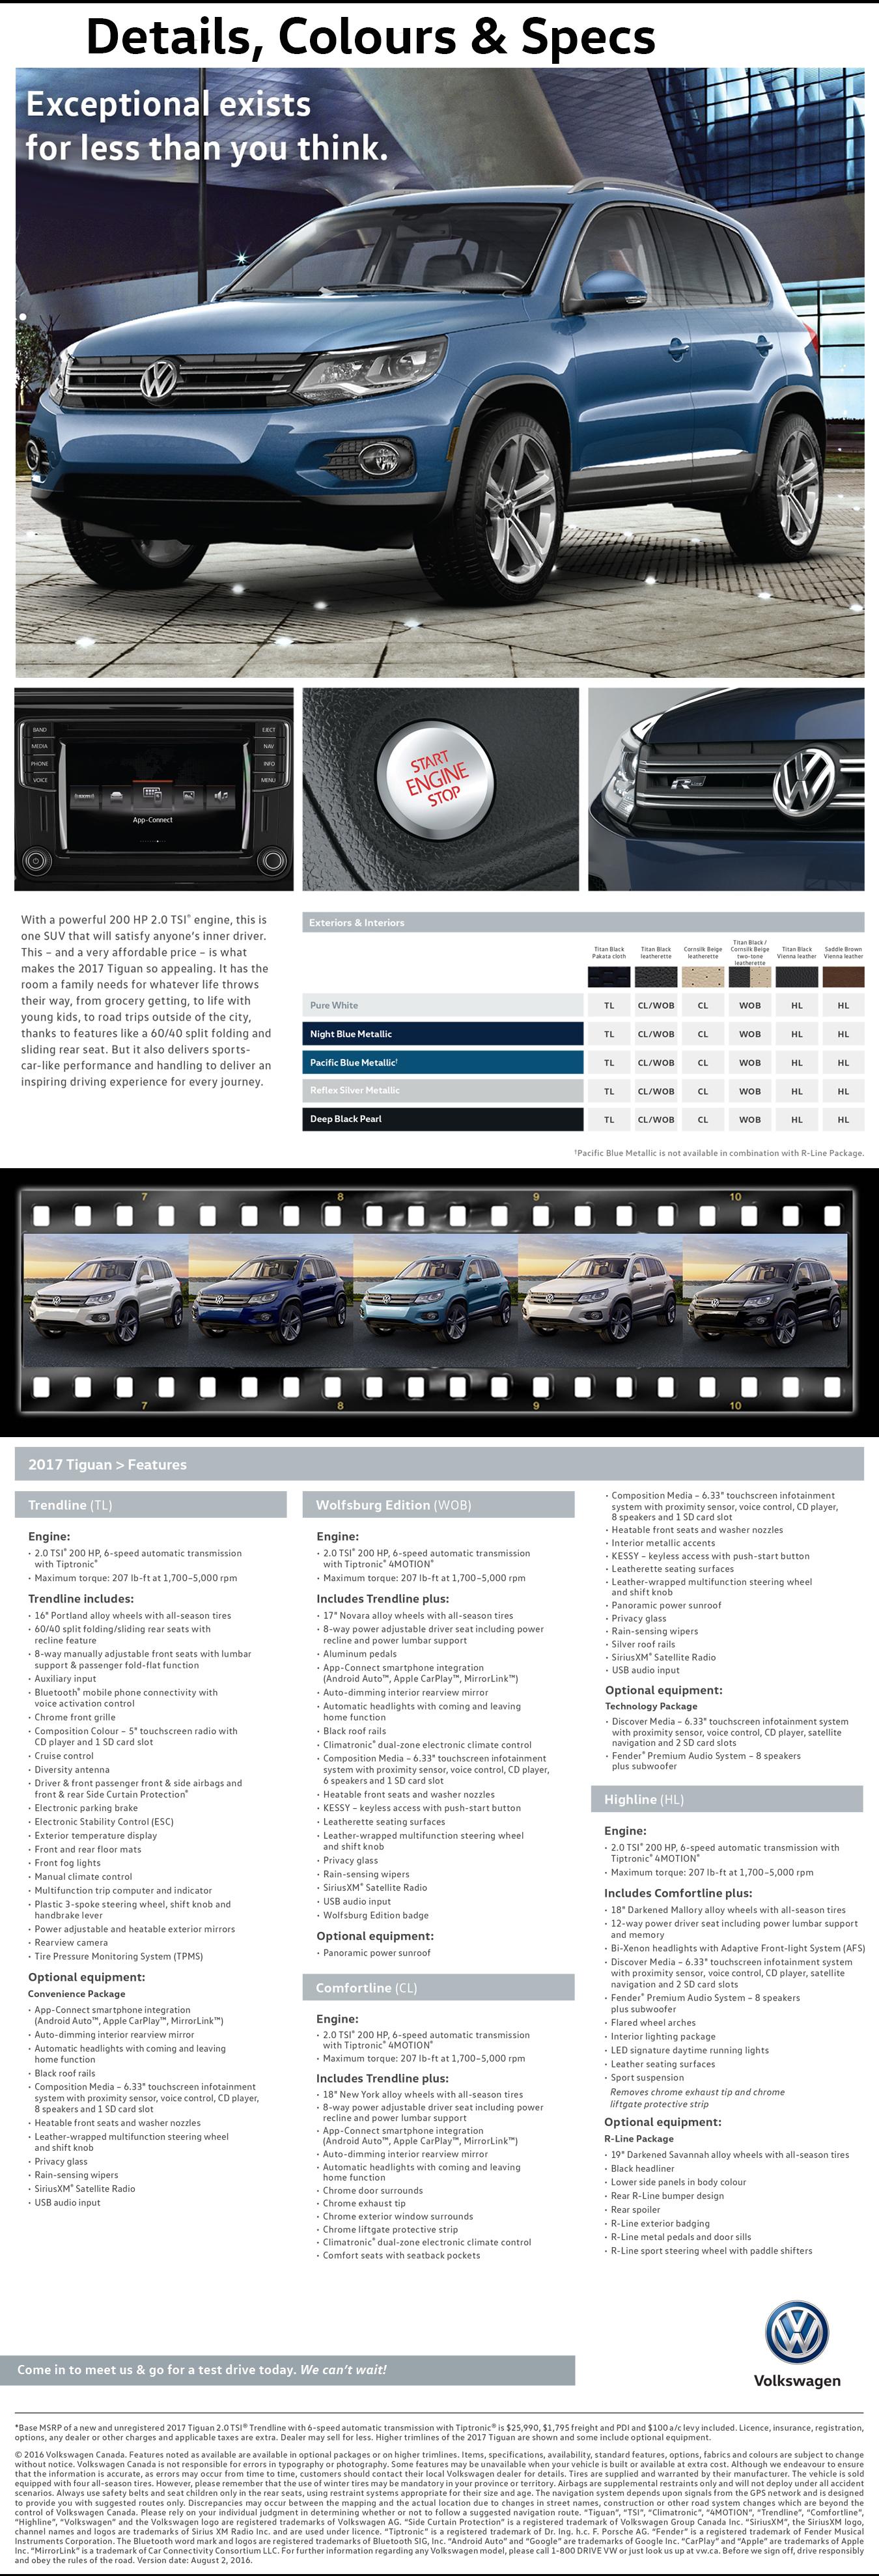 2017 Volkswagen Tiguan features and specs